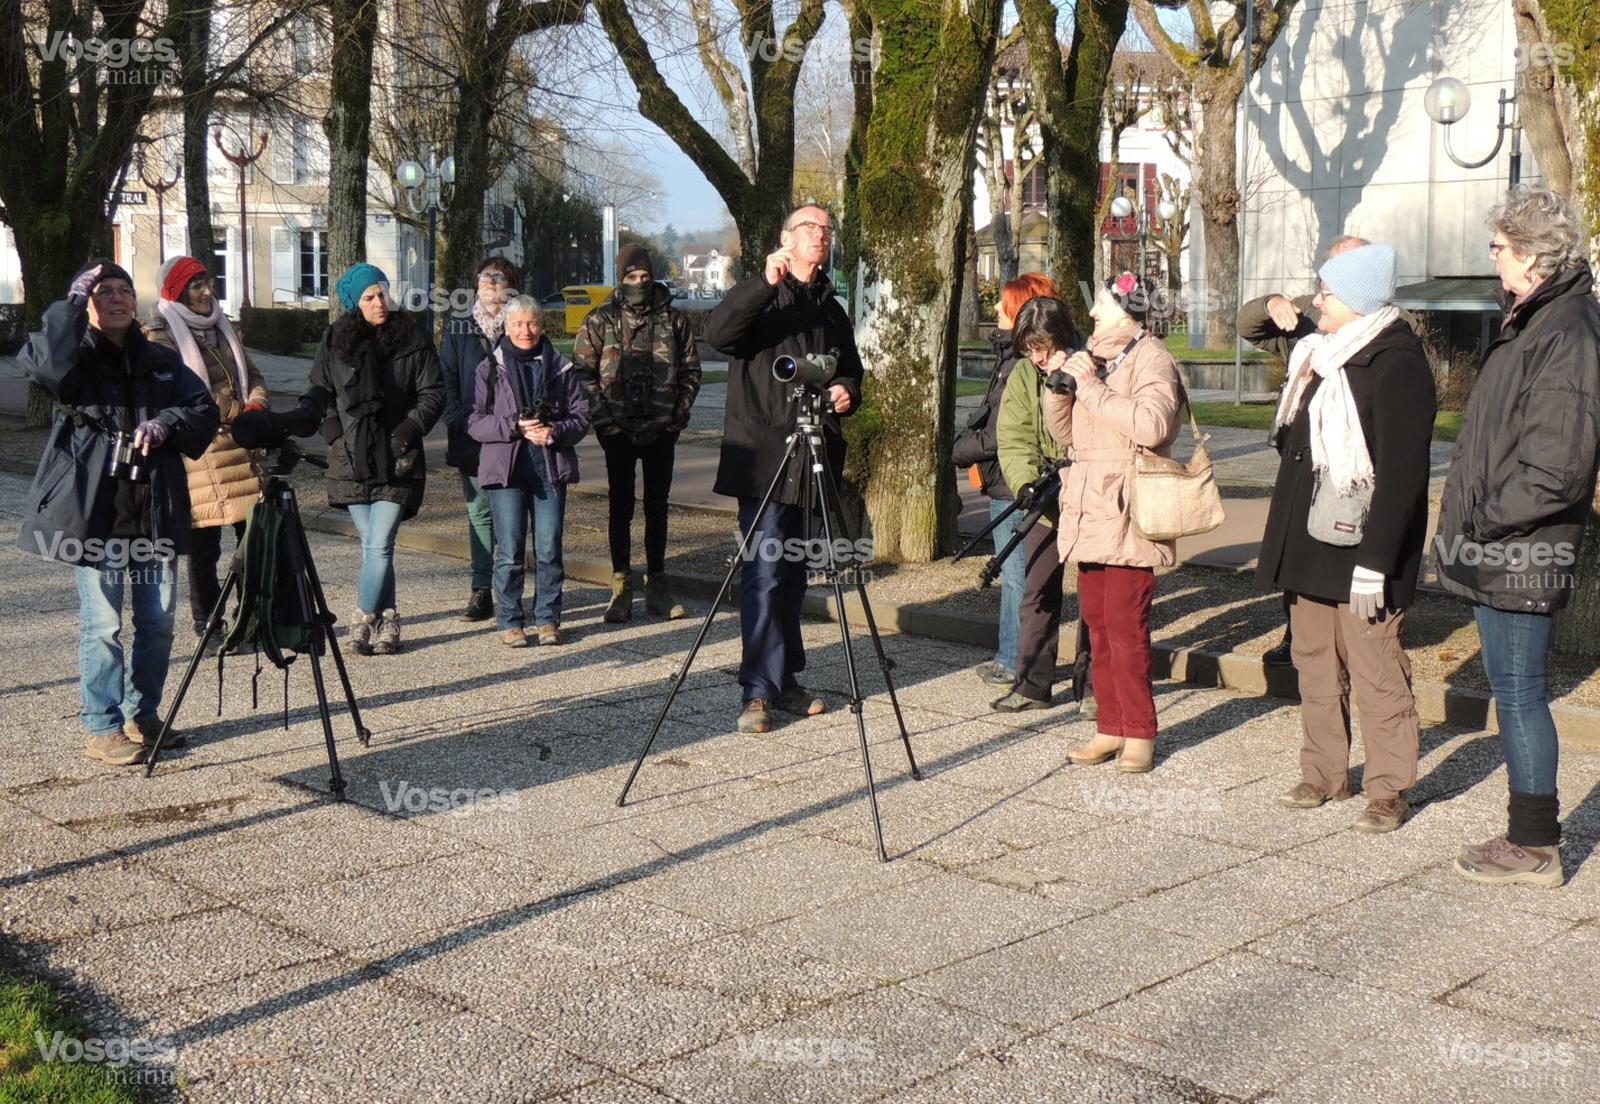 Les promeneurs se sont montrés attentifs aux explications de Michel Pierrat (au centre) membre de l'Association Oiseaux Nature - Photo Vosges Matin - sortie nature